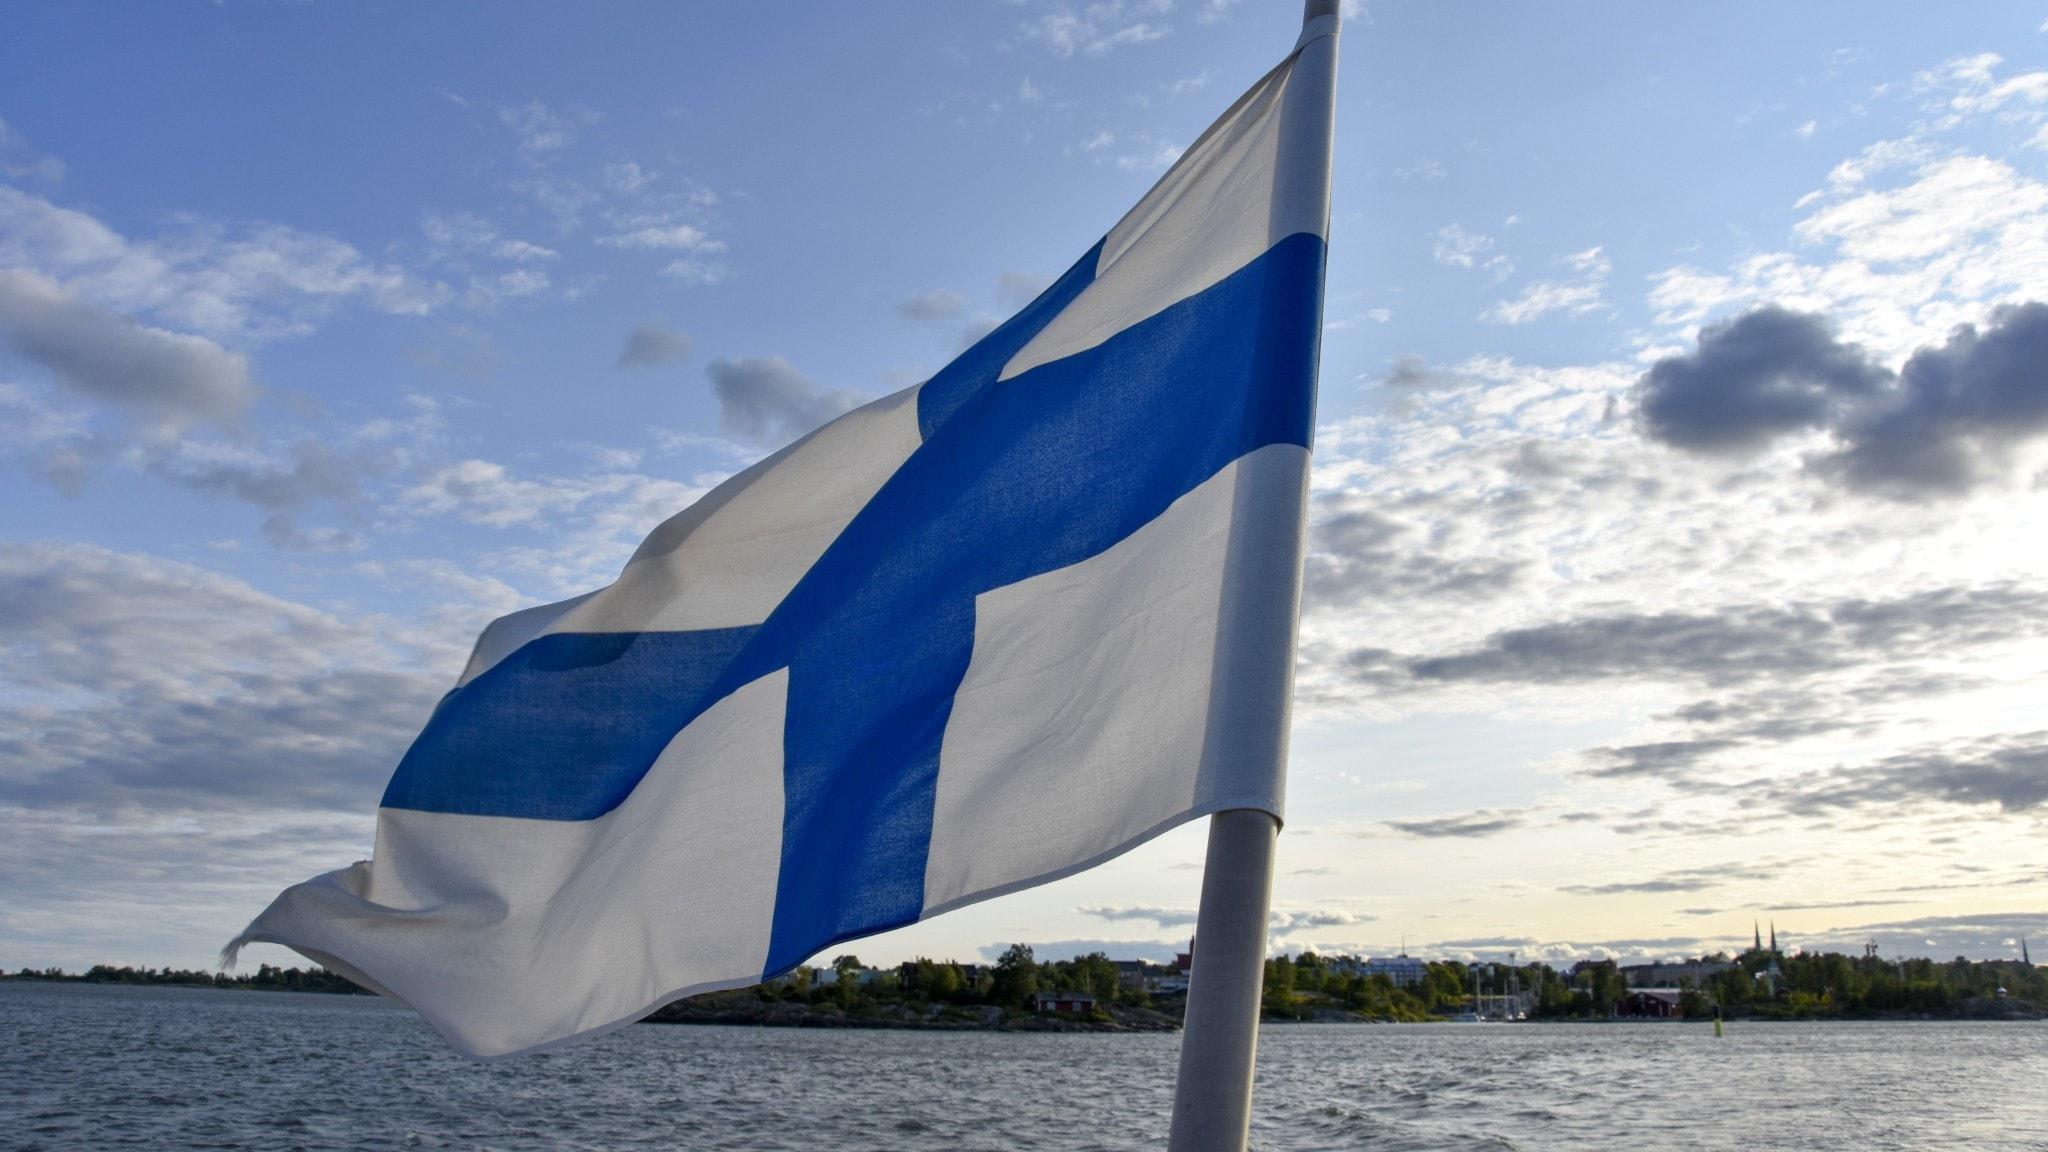 Fînlandayê sinorên xwe ji bo herêmên bakura Swêdê vekirin. Hejmara emeliyatan di havînê de kêm bû.